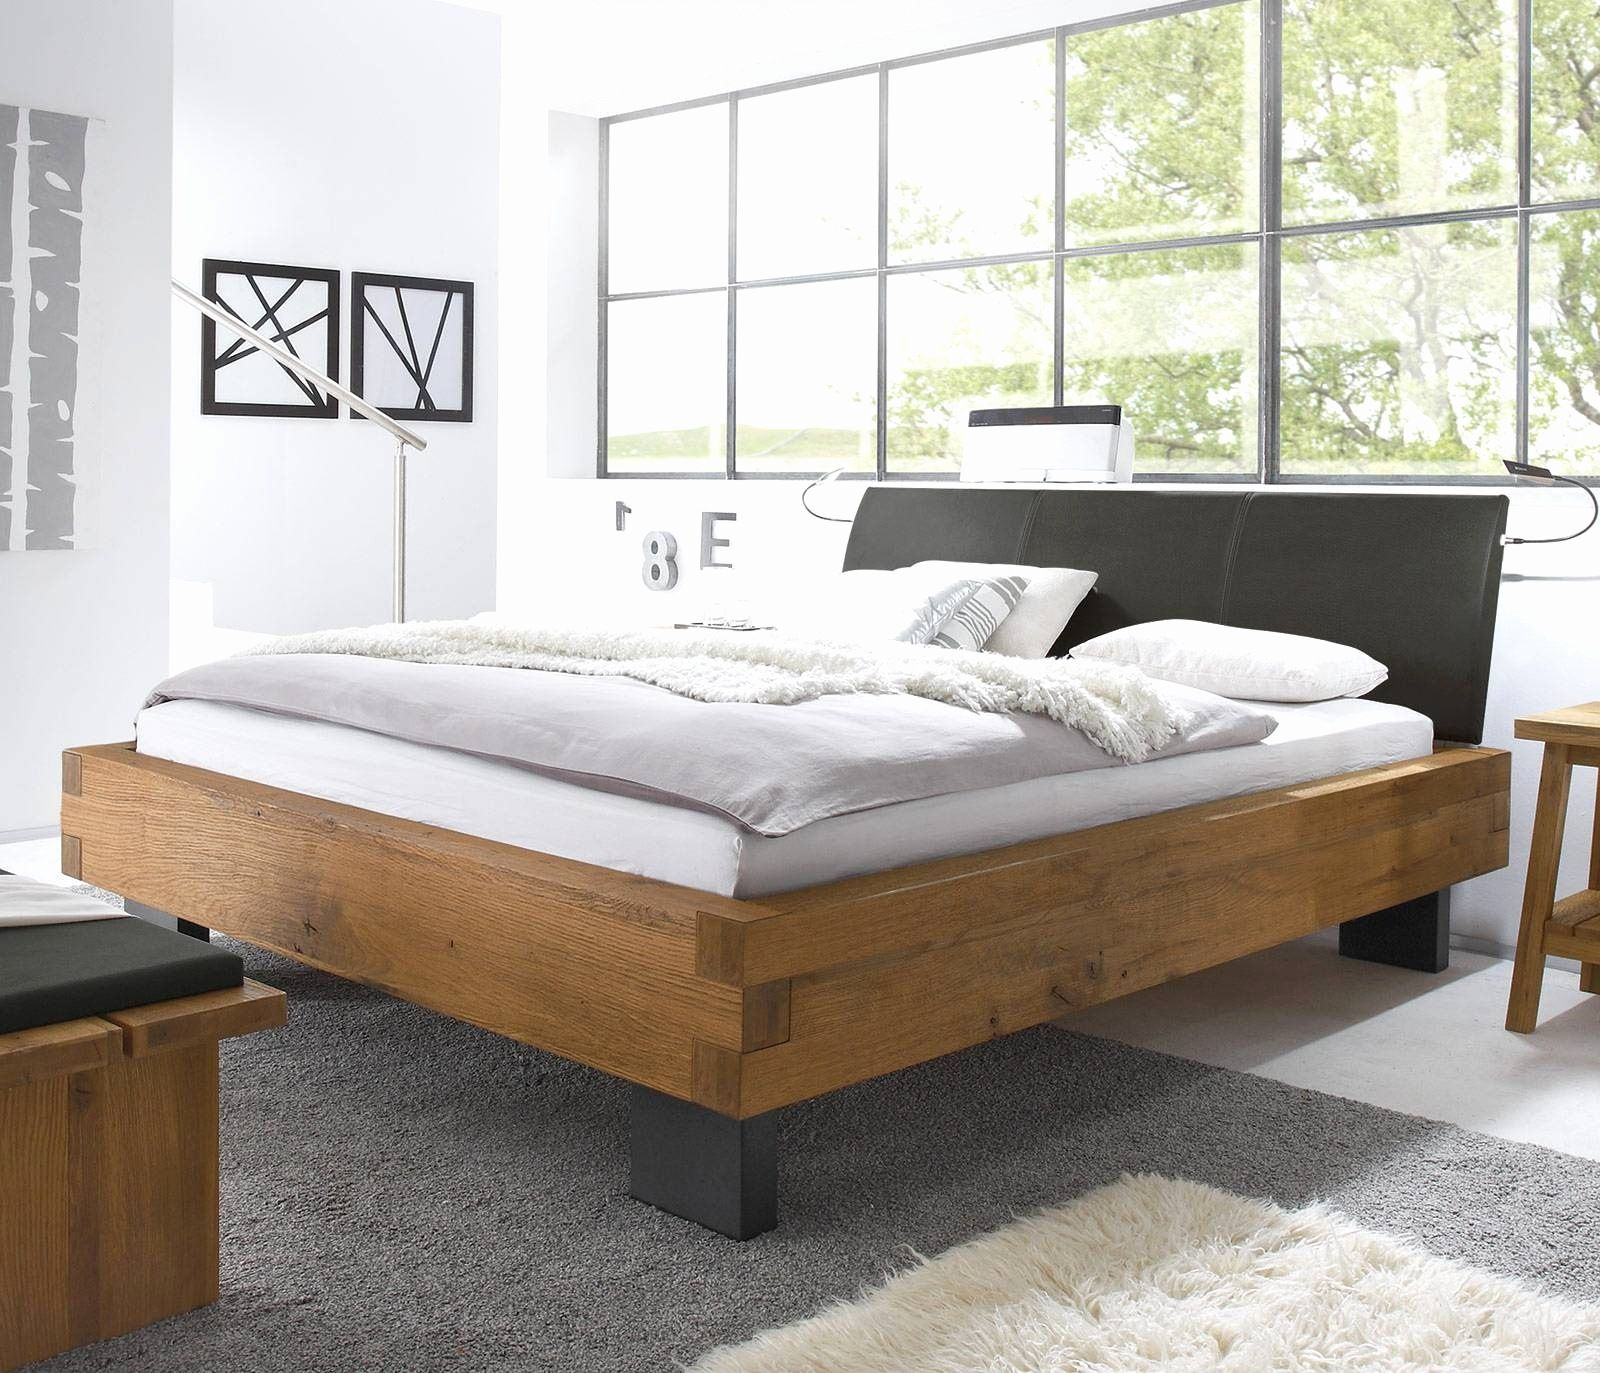 Bett Ausziehbar Doppelbett Inspiring Bild Bett Ausziehbar